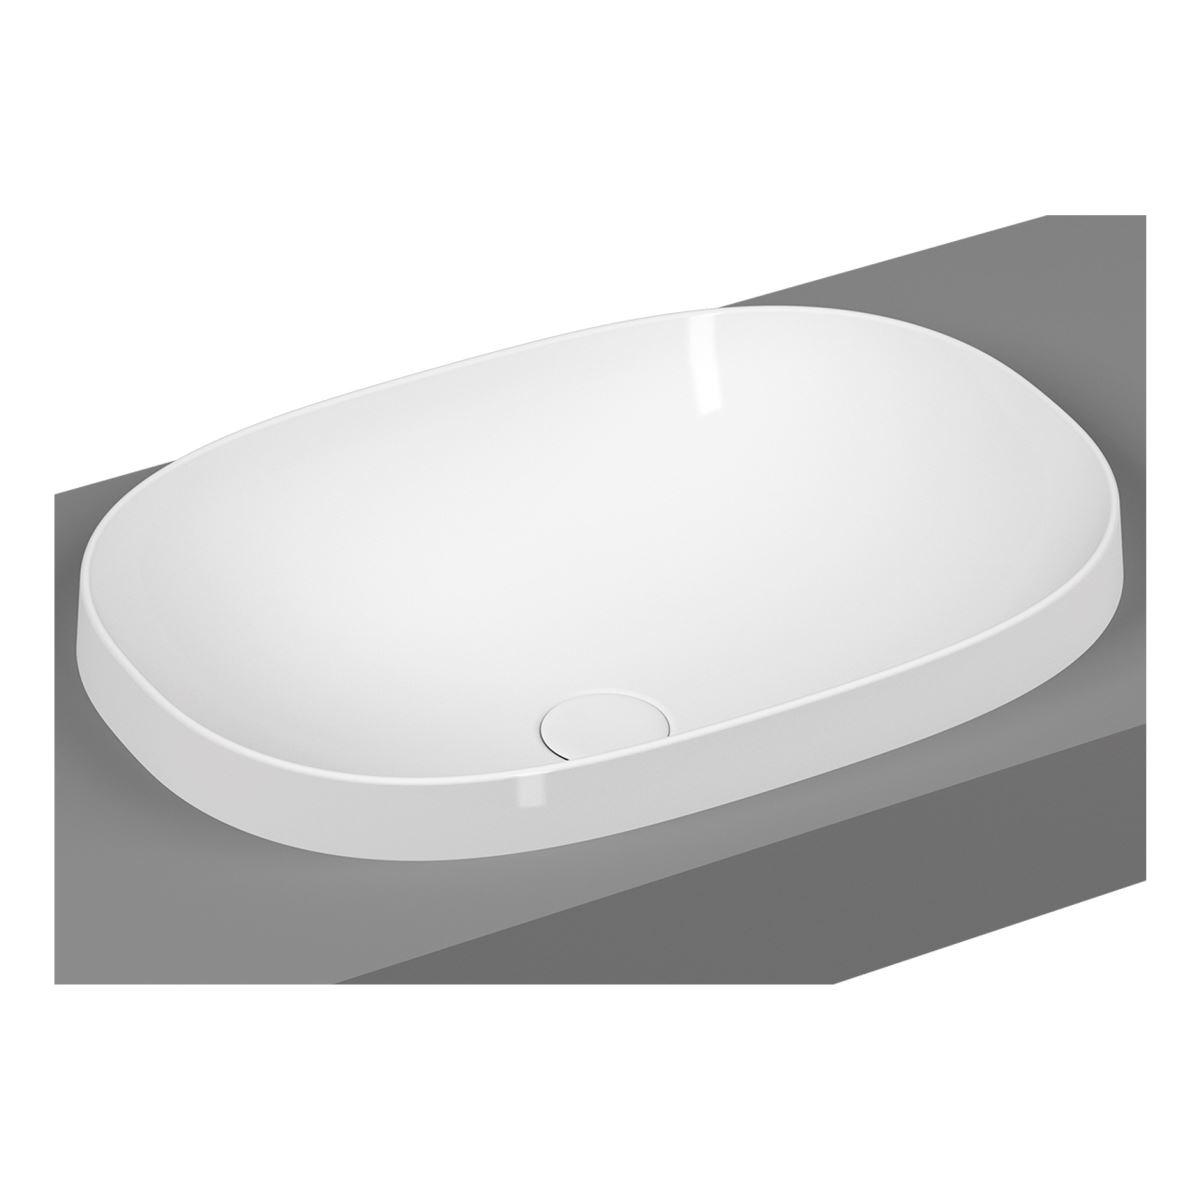 Umywalka wpuszczana w blat owalna Vitra Frame 56x39 cm biały połysk 5652B403-0016